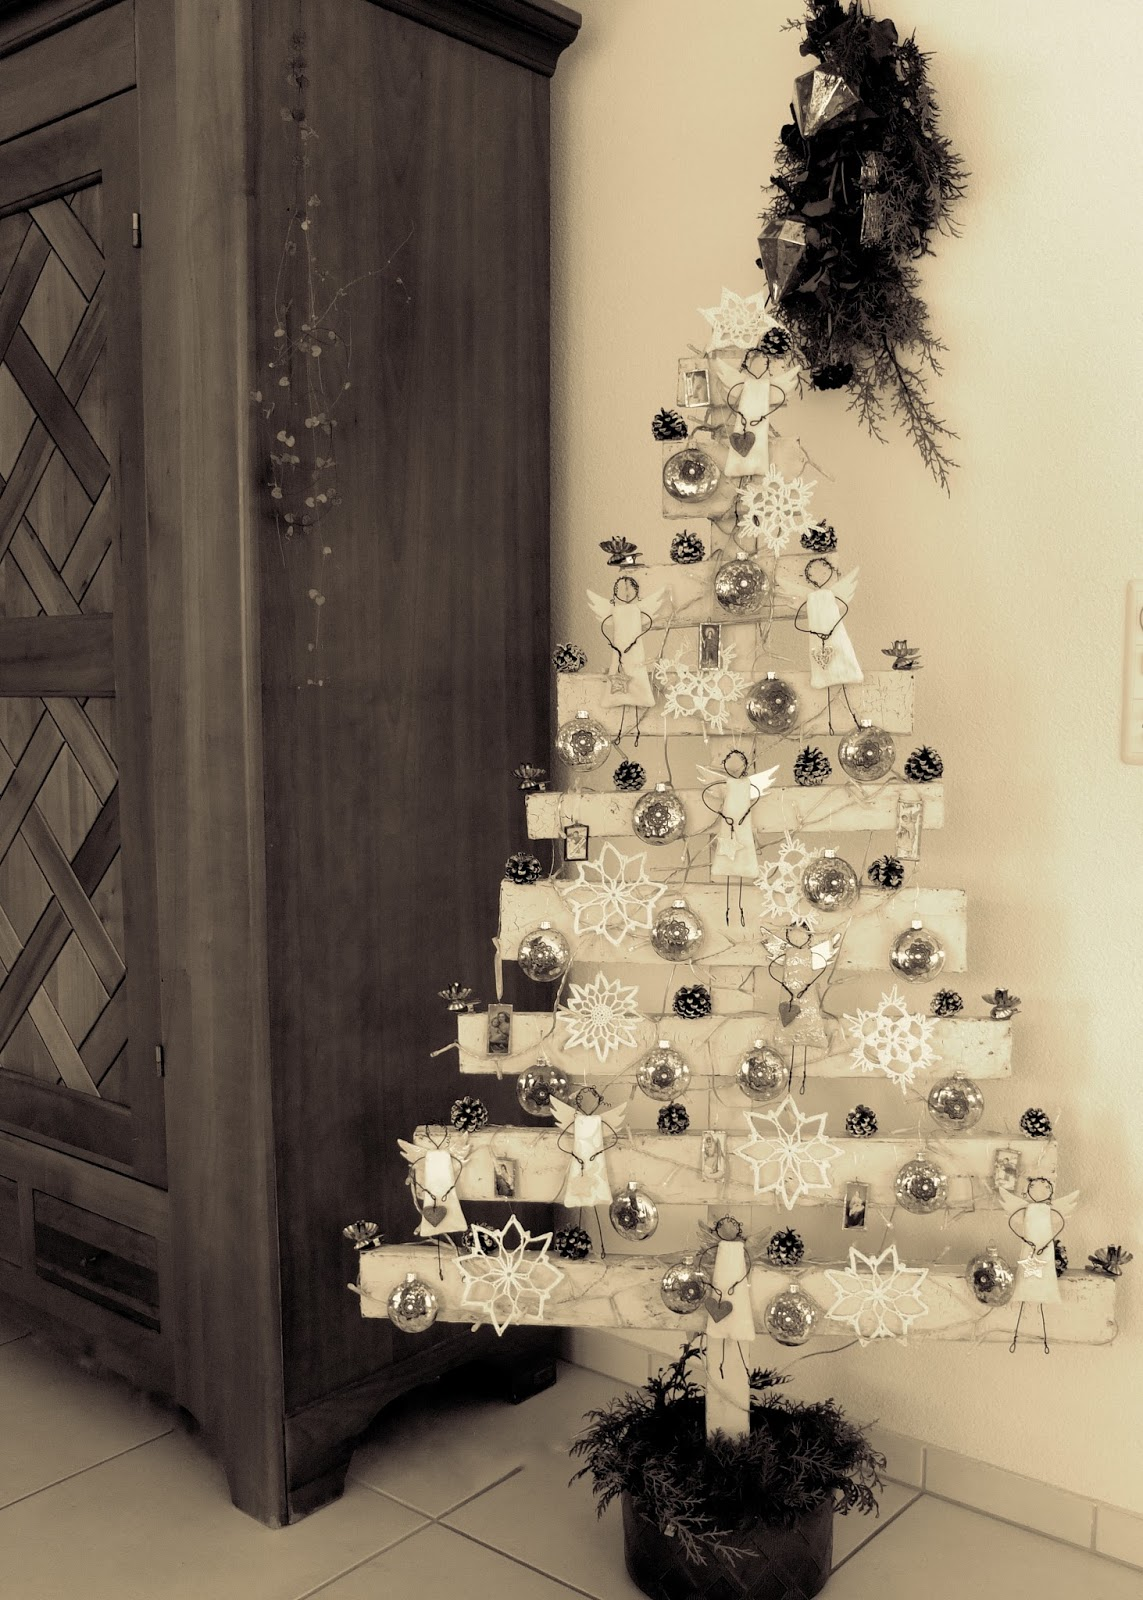 mosaik kunsthandwerk frohe weihnachten. Black Bedroom Furniture Sets. Home Design Ideas